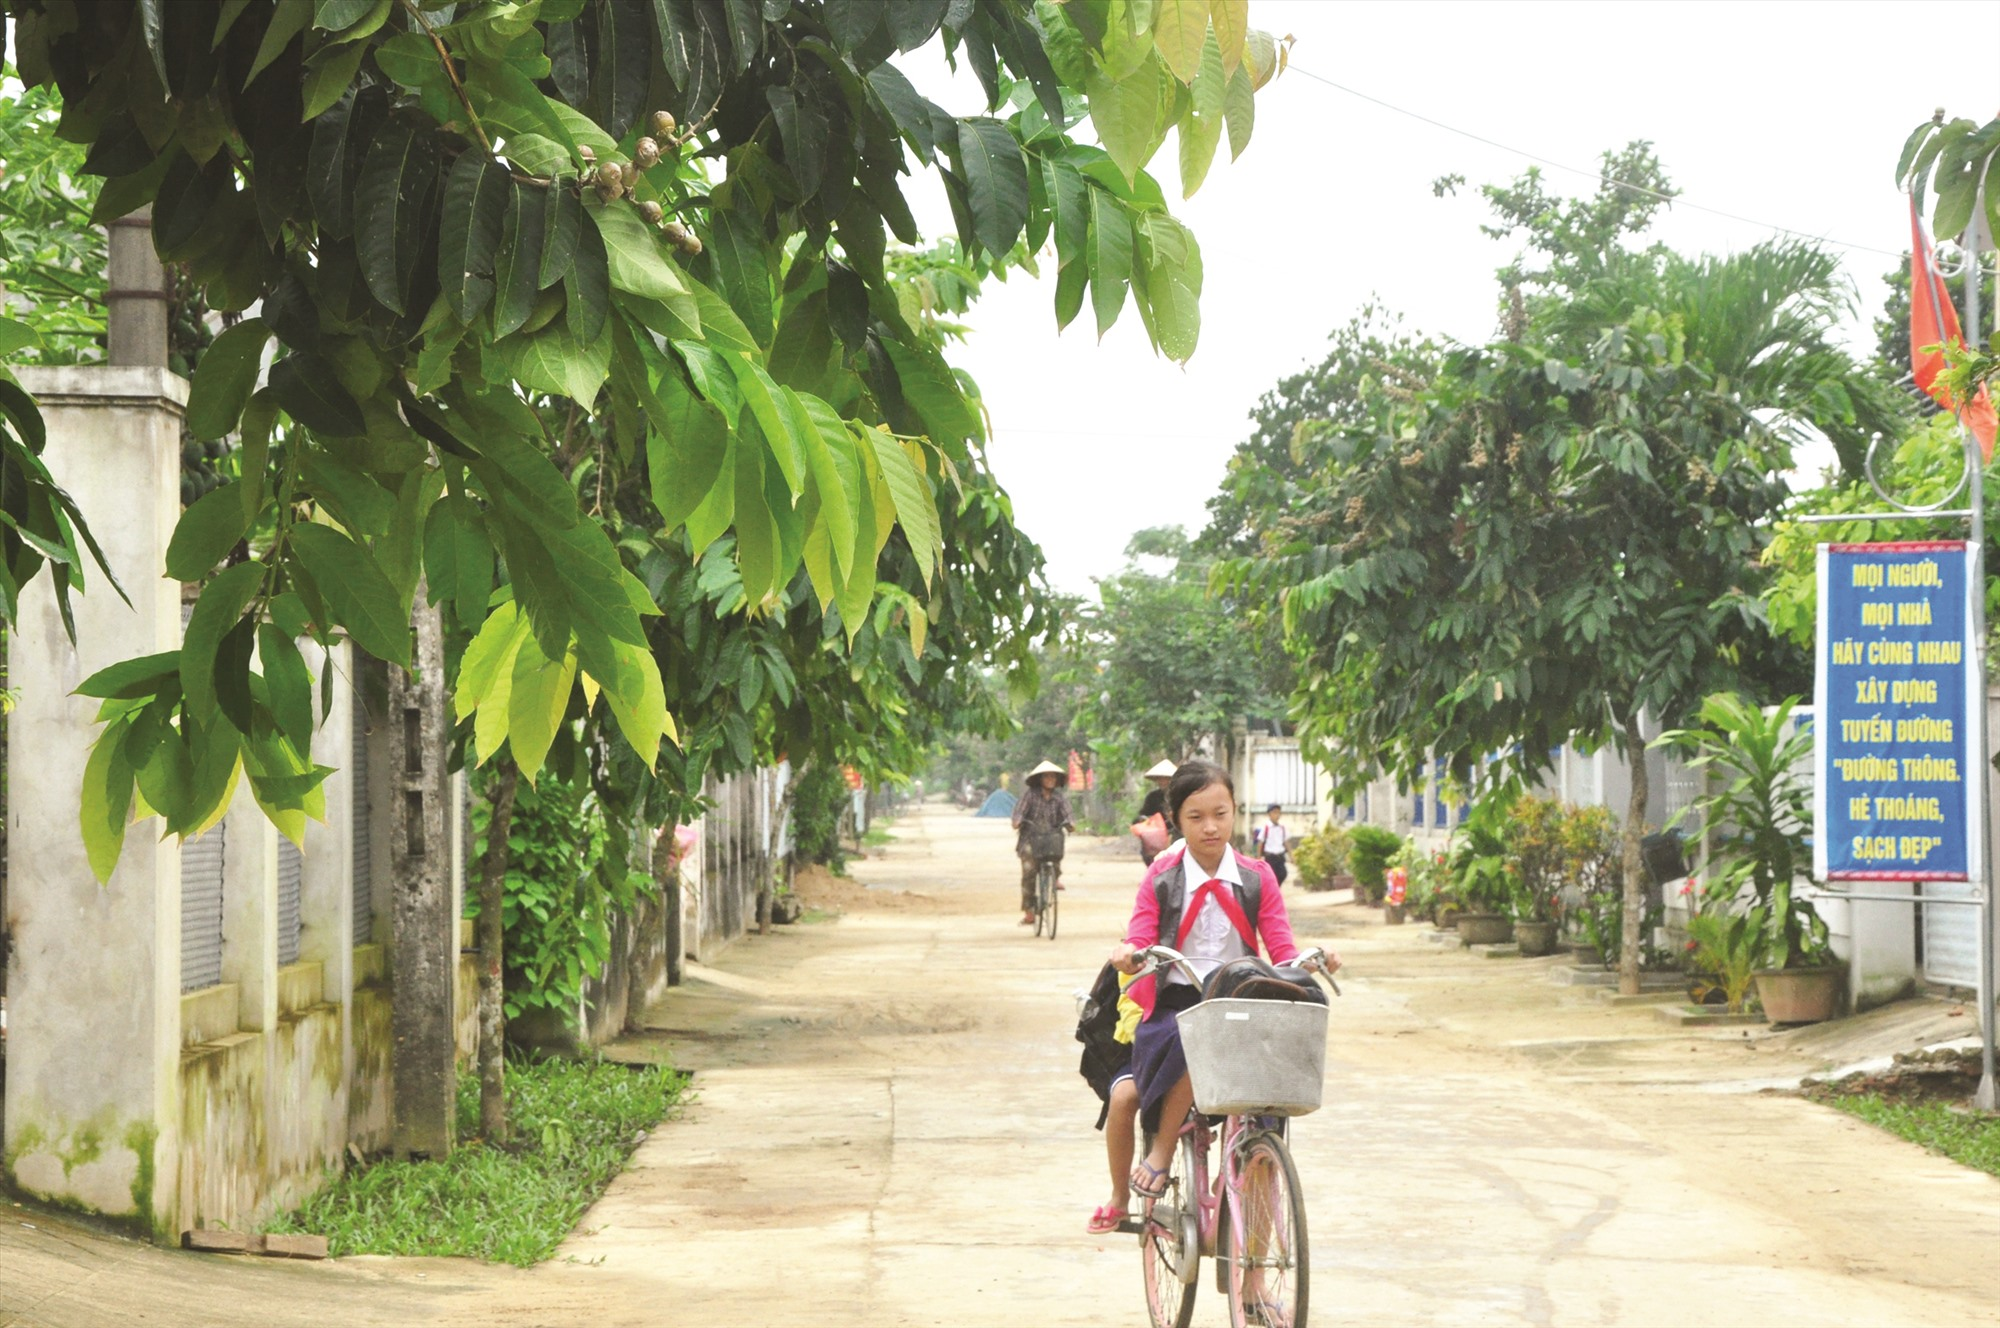 Đường giao thông nông thôn ở thôn Bến Đền Tây, xã Điện Quang, thị xã Điện Bàn. Ảnh: NGUYÊN ĐOAN